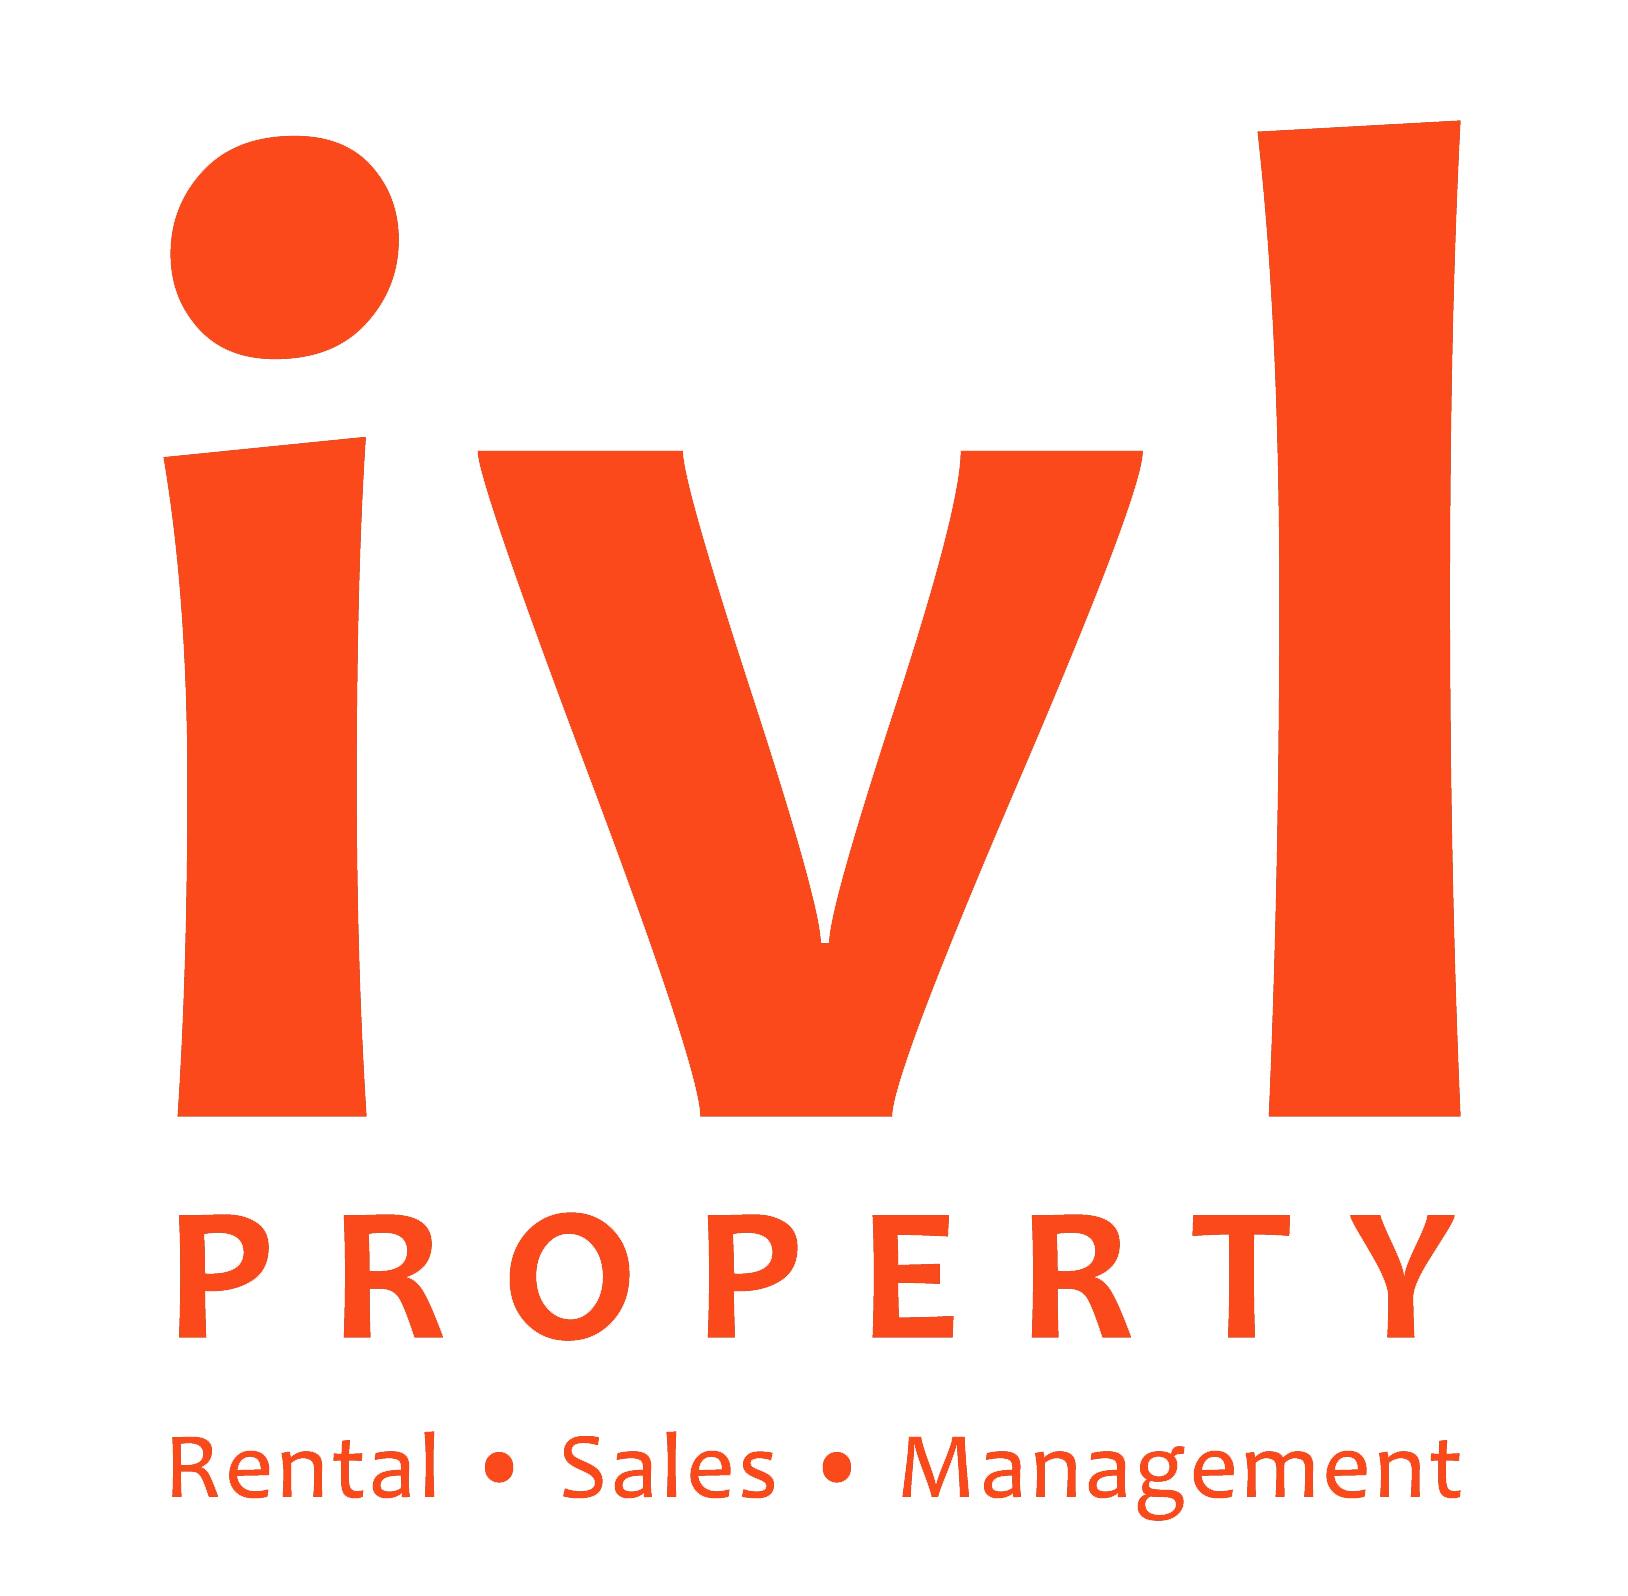 ivl property- company logo